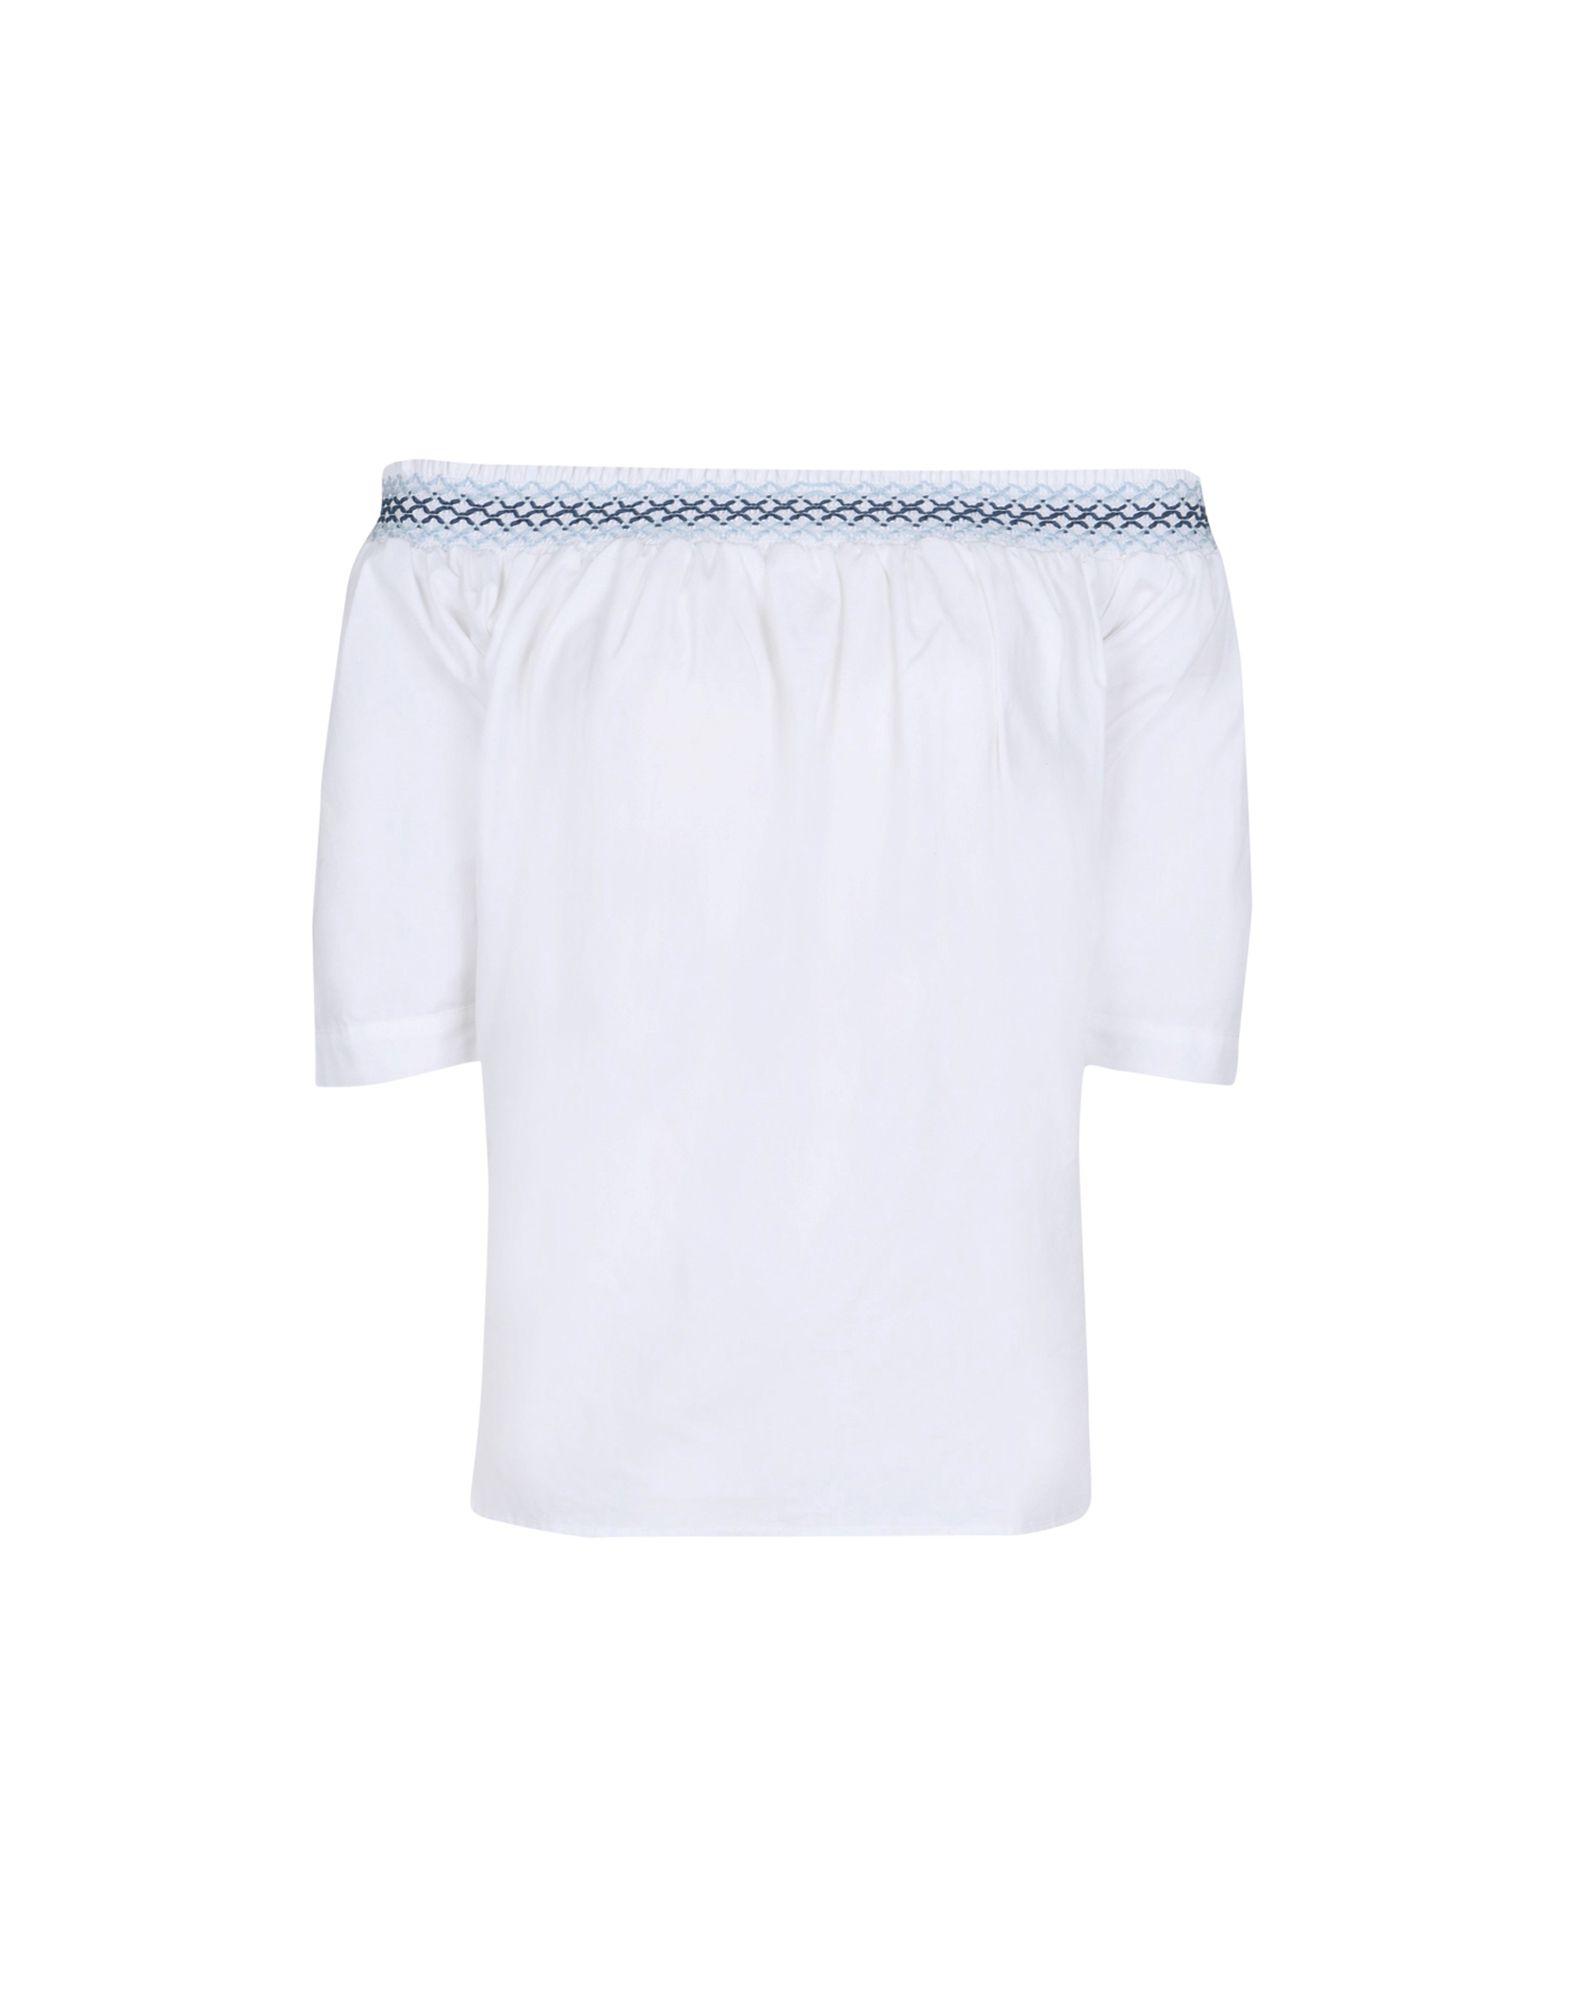 8 Damen Bluse Farbe Weiß Größe 7 jetztbilligerkaufen